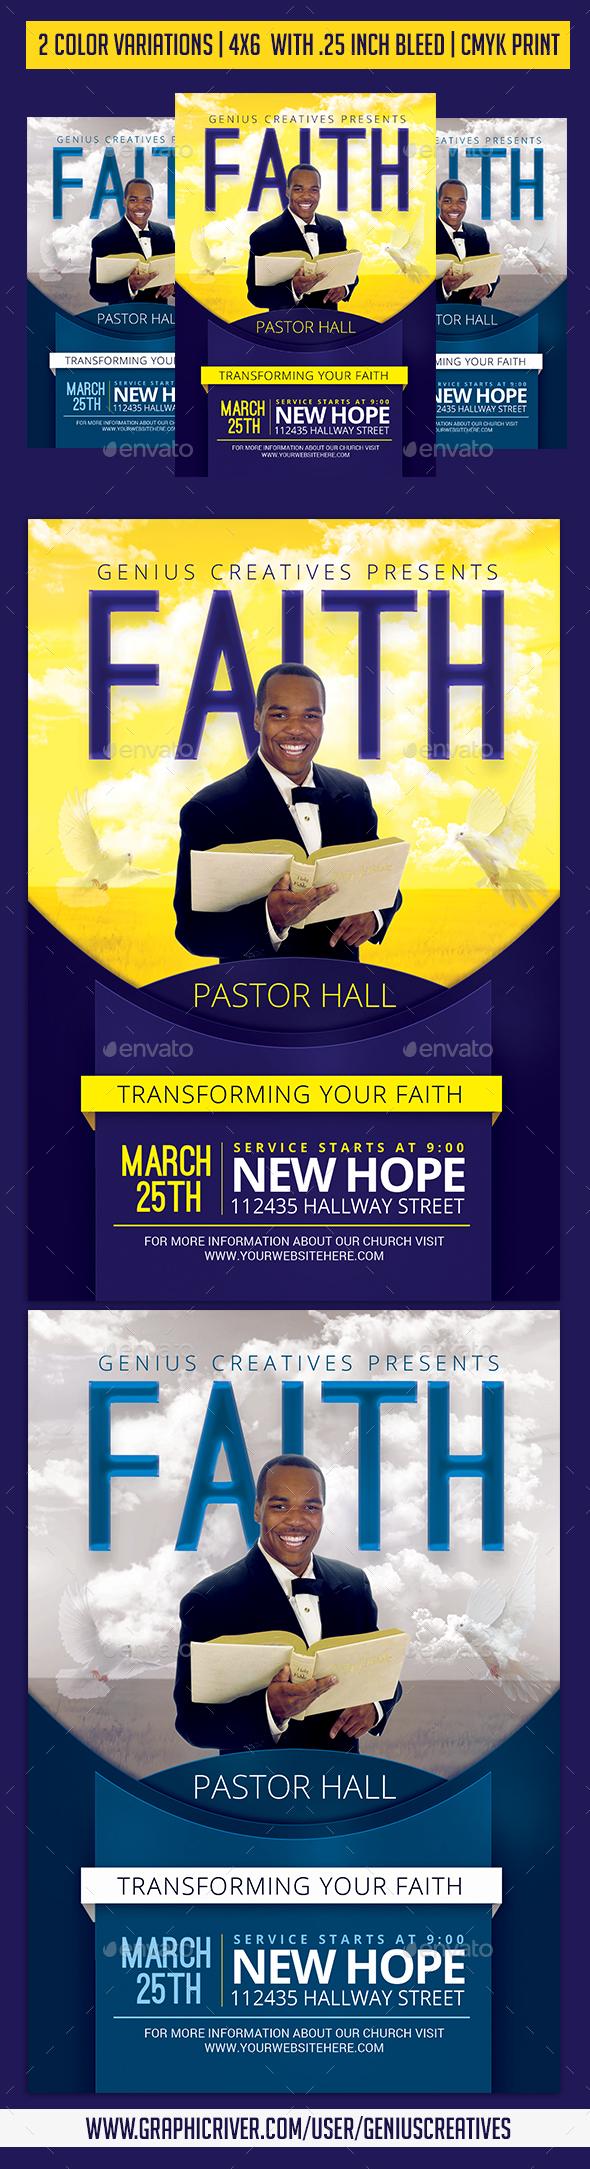 Faith Church Flyer - Church Flyers